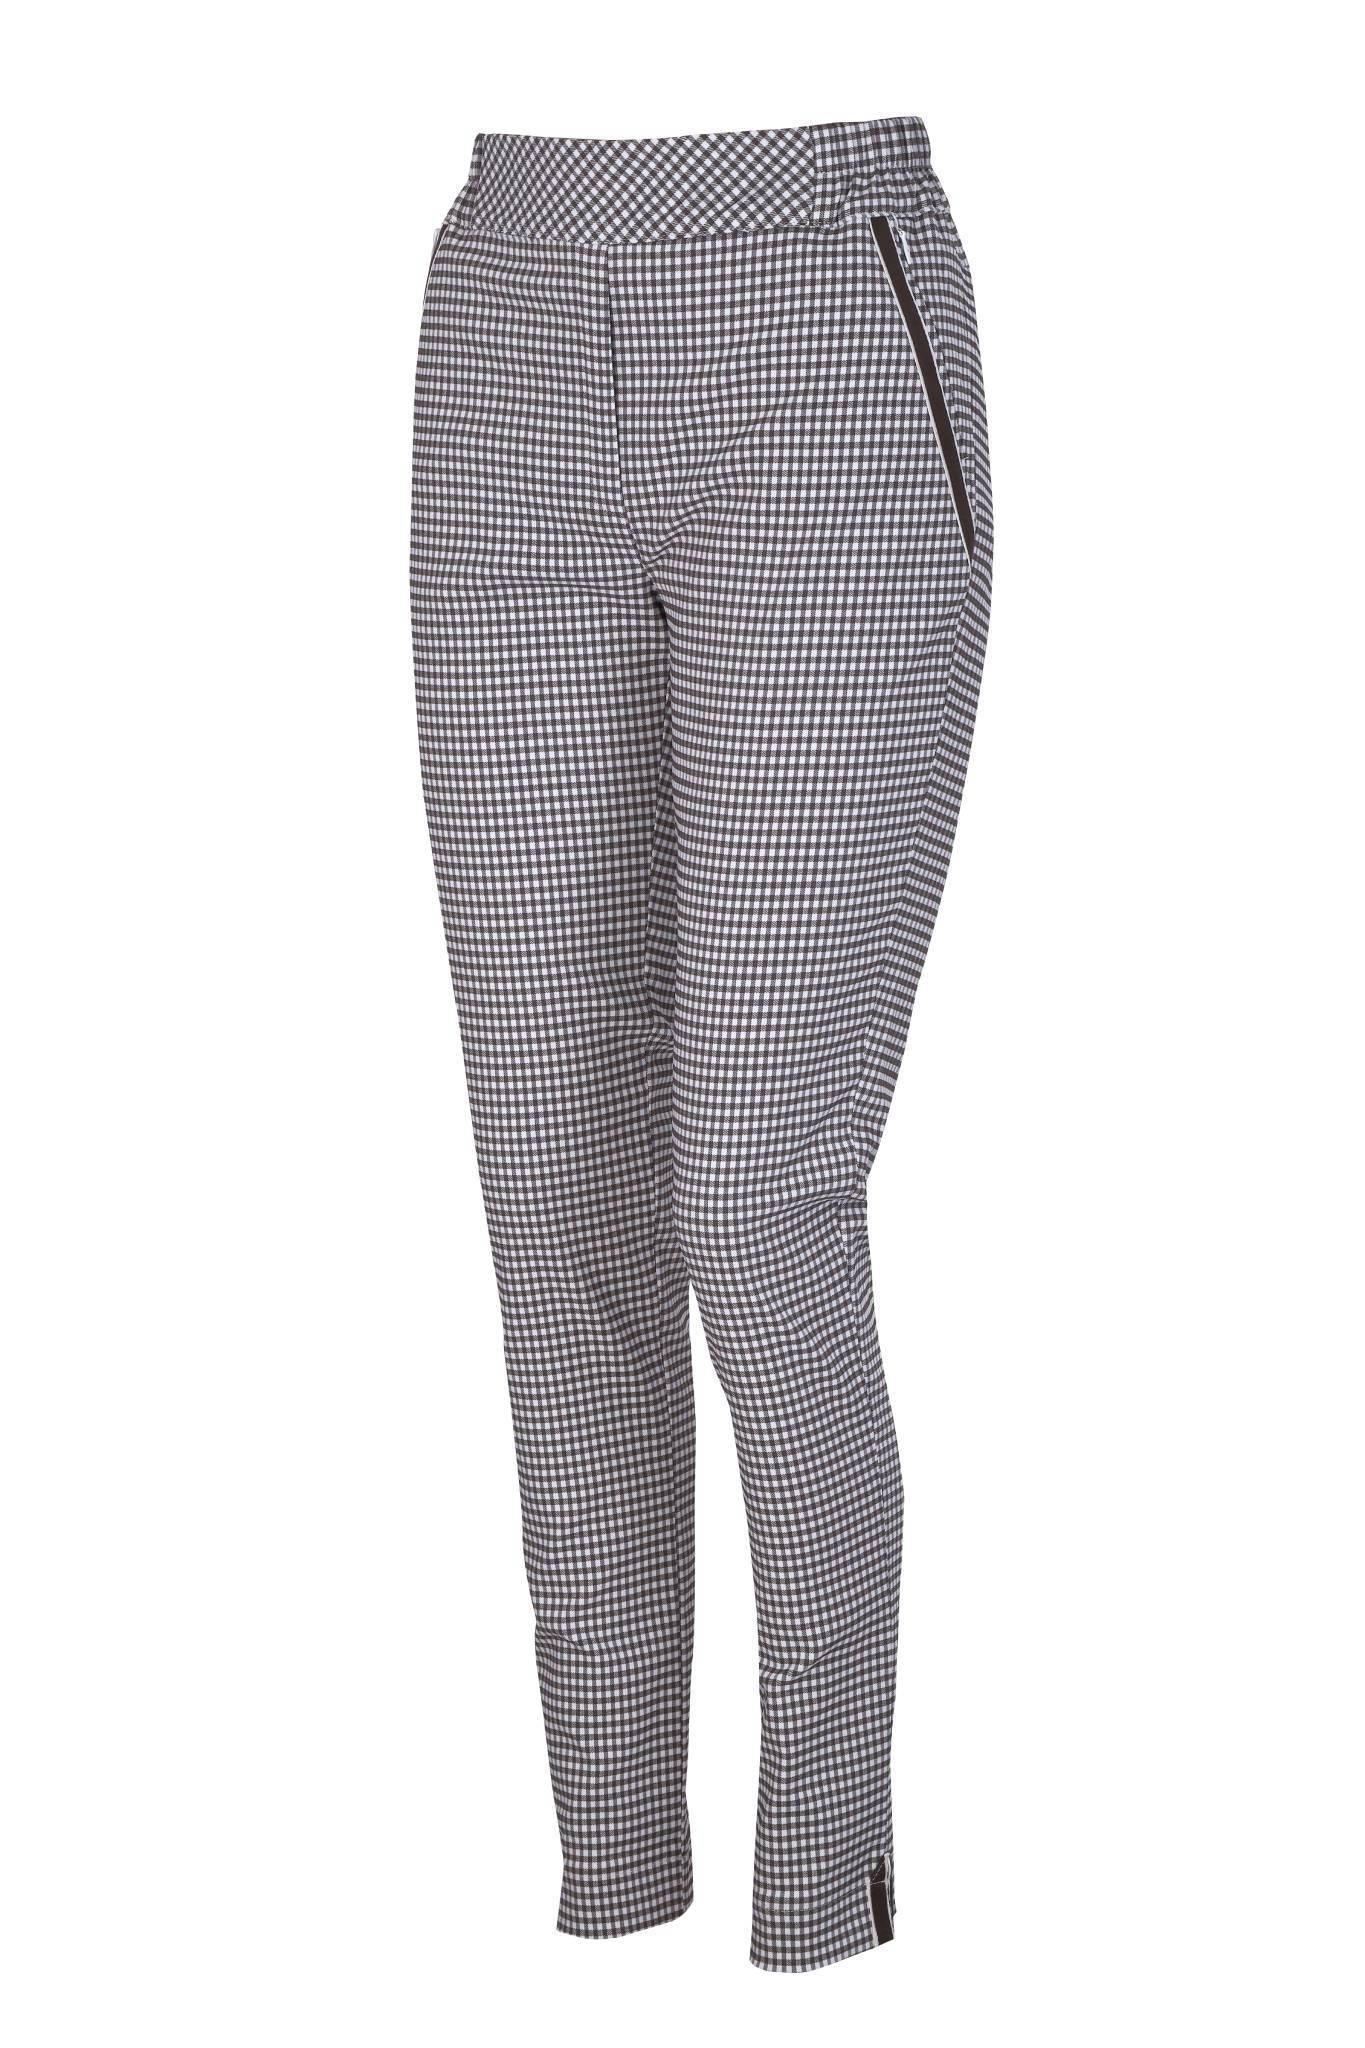 1260 Jumitex brązowe eleganckie spodnie w kratkę